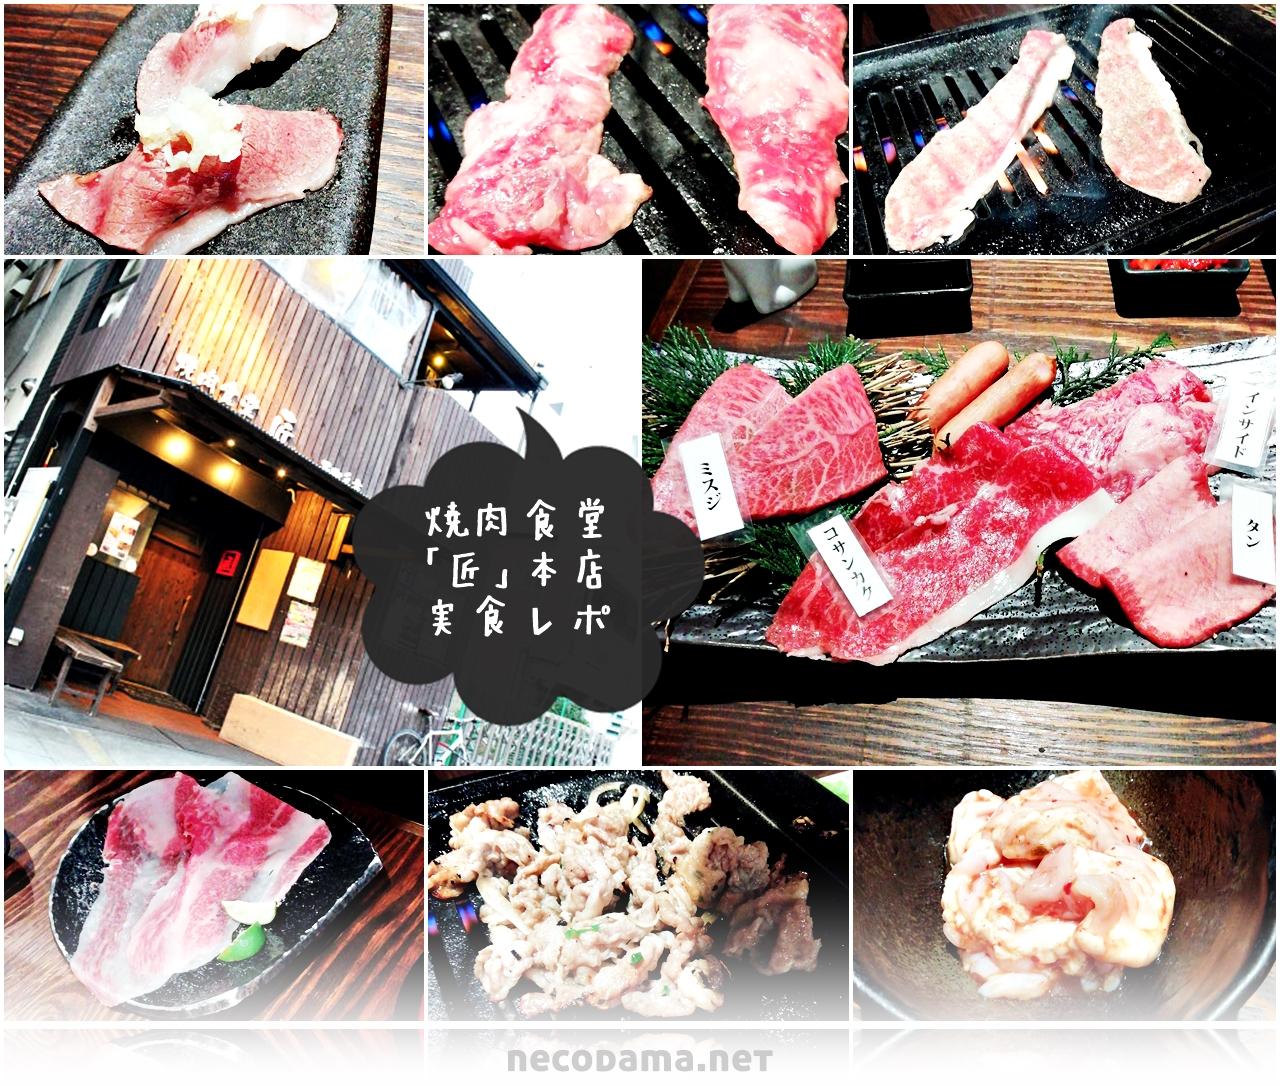 サシたっぷりの希少肉を堪能「焼肉食堂 匠本店」@西中島南方